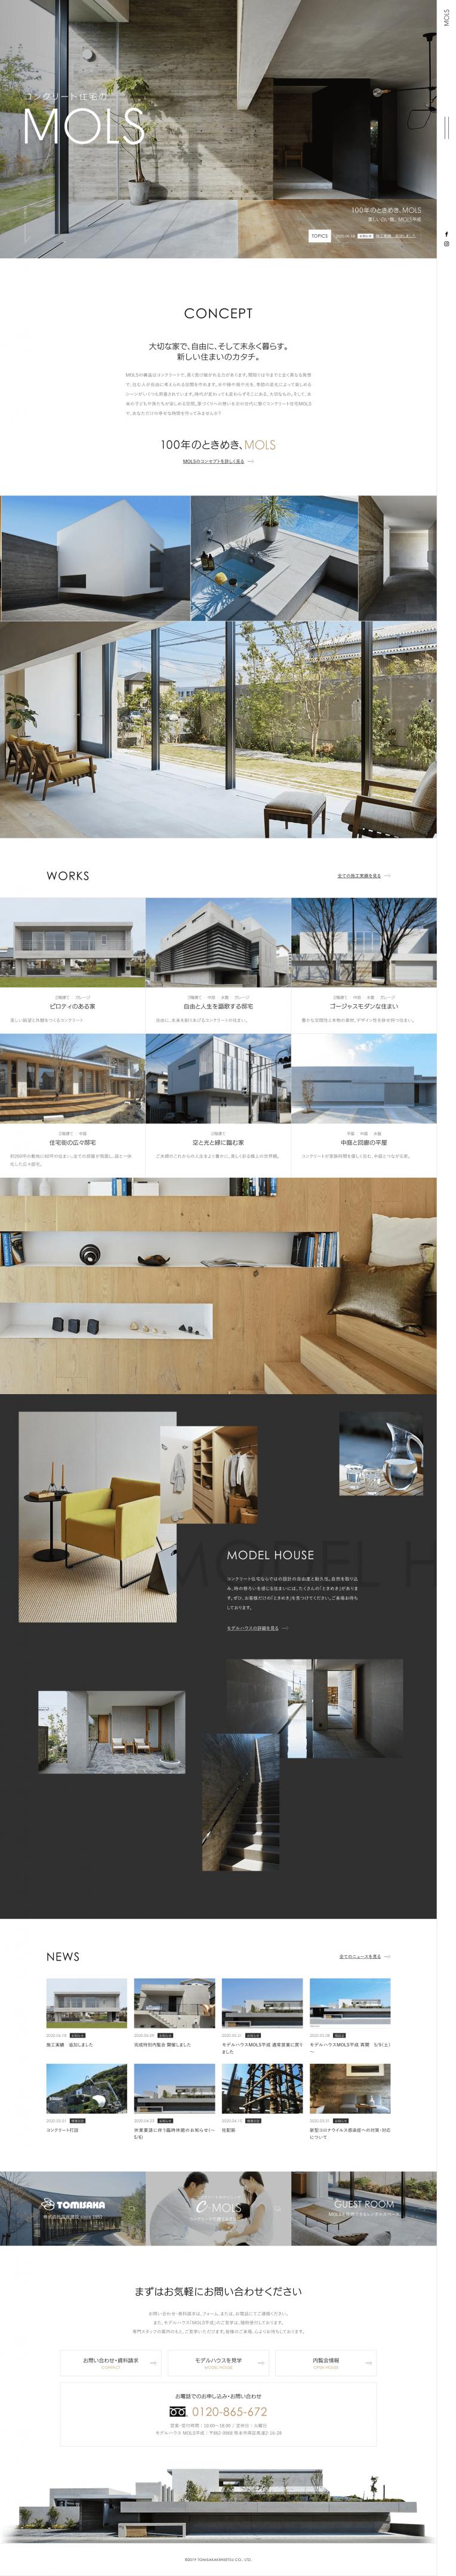 コンクリート住宅のMOLSサイトのパソコン表示